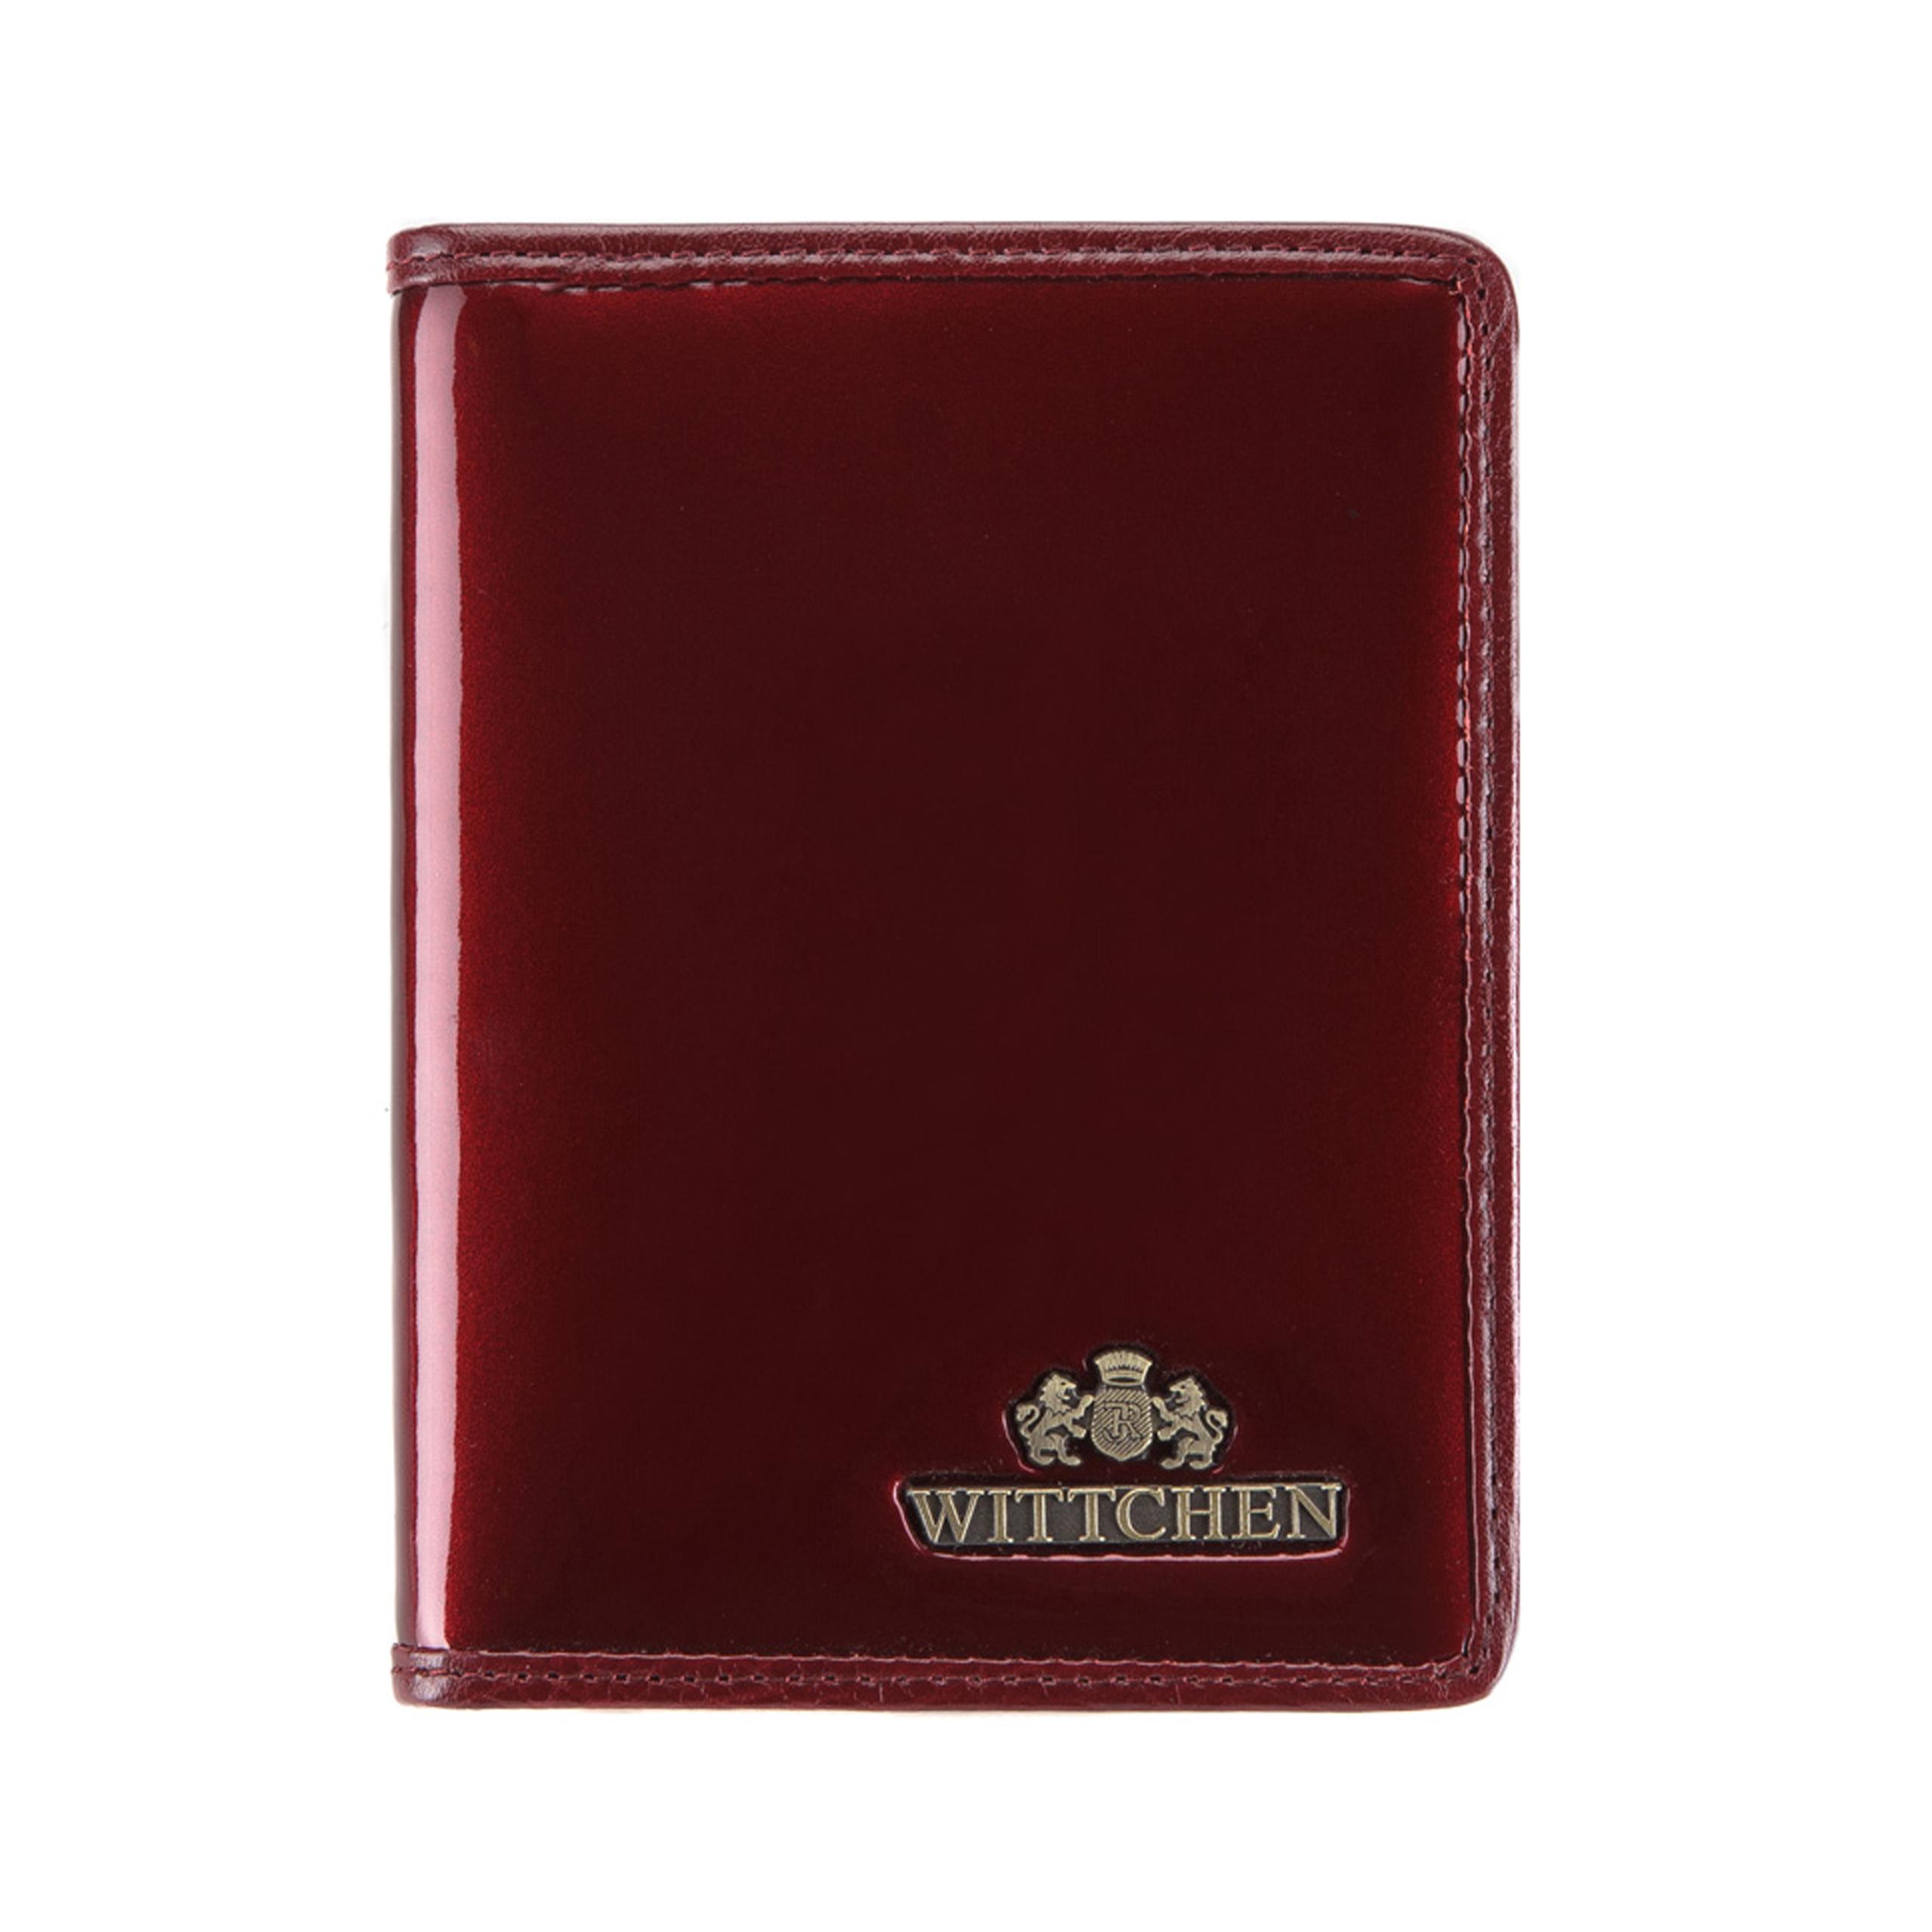 7dba74549320f Etui Wittchen VERONA na dokumenty 25-2-163-9 bordowy - New Line